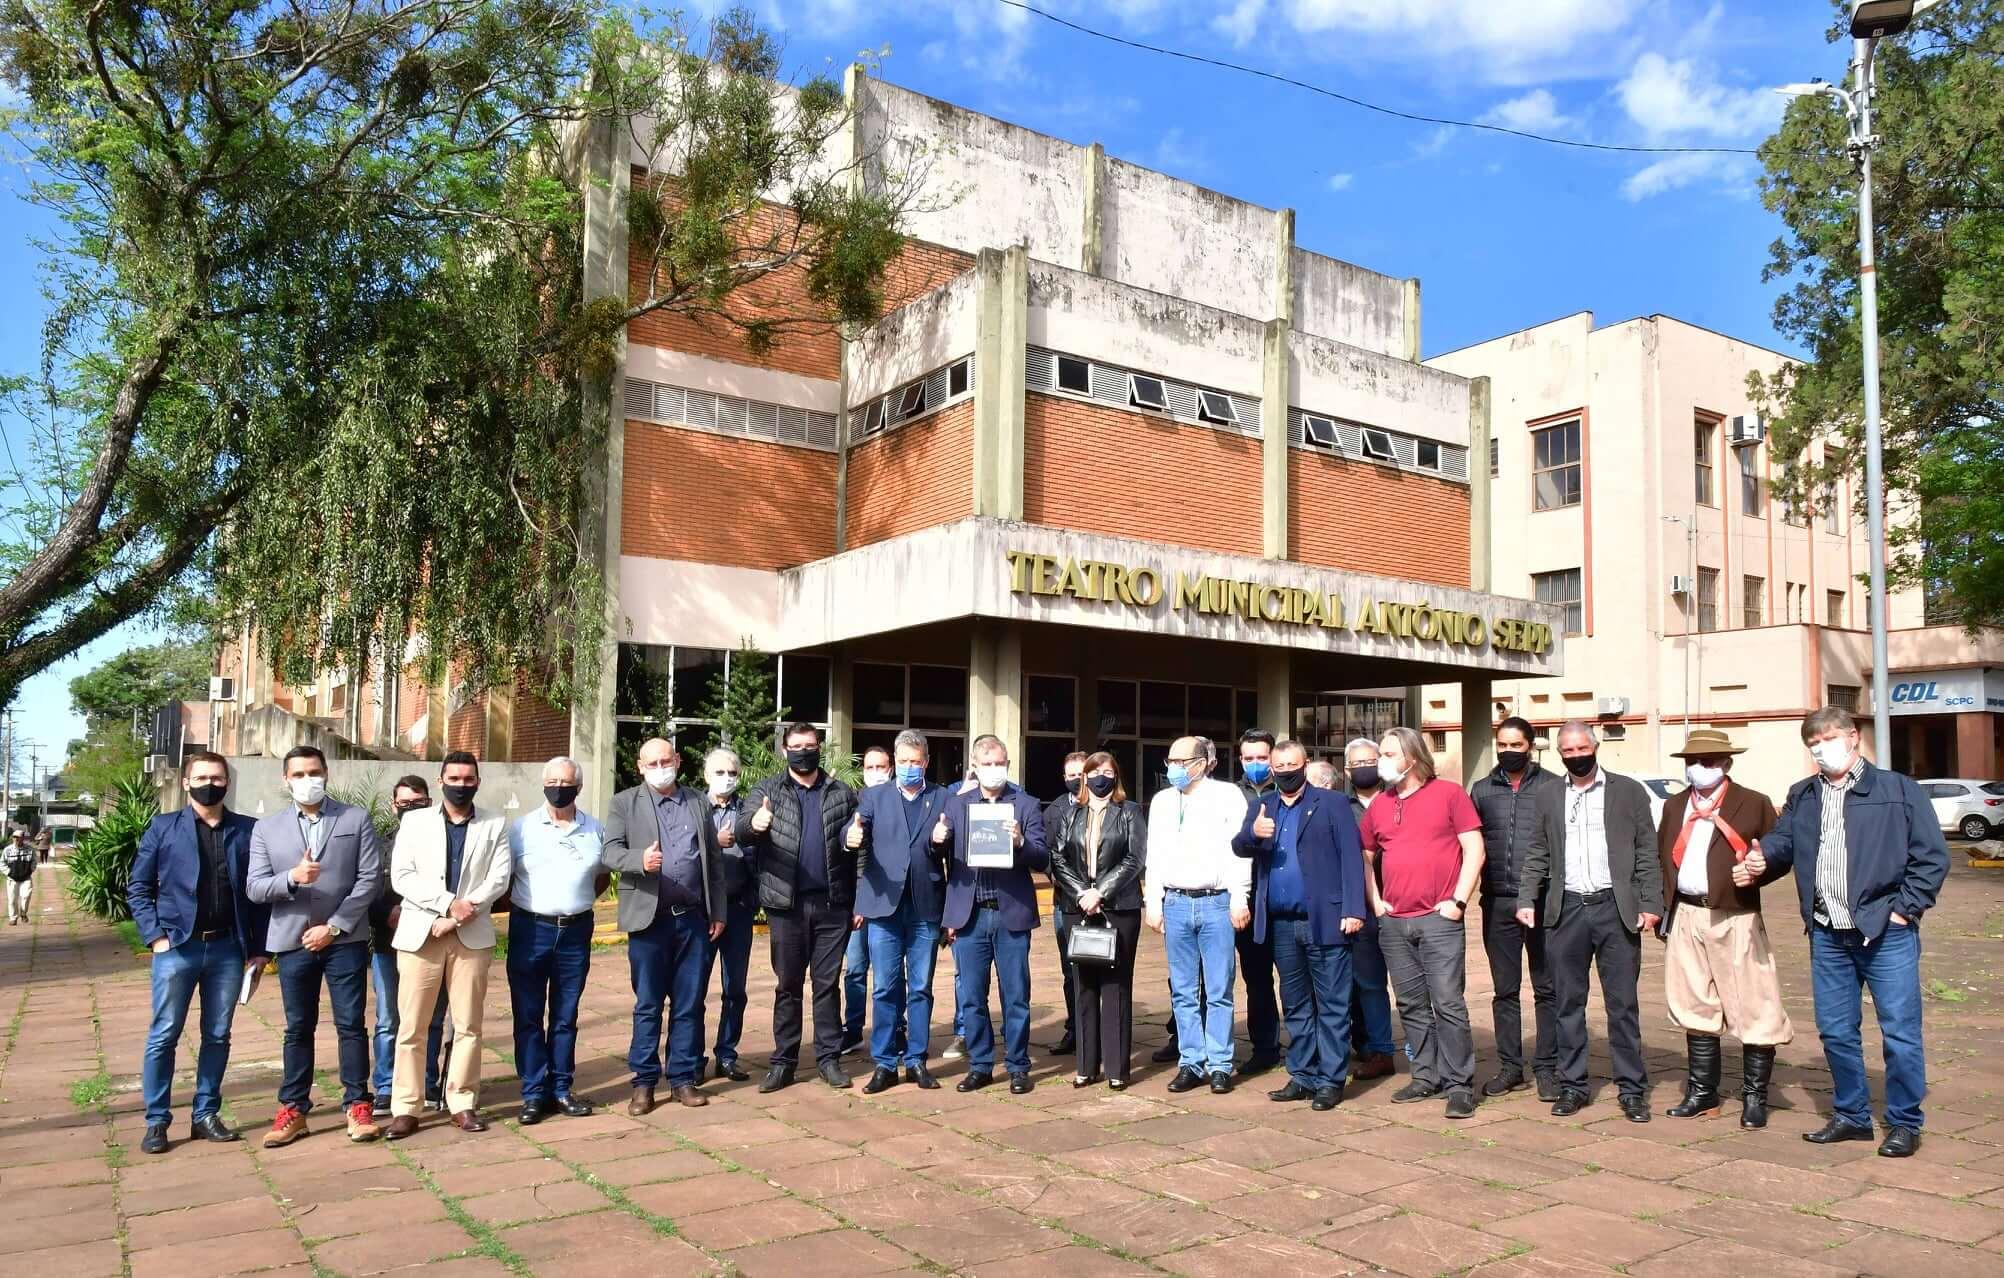 Lançado projeto de revitalização do Teatro Municipal